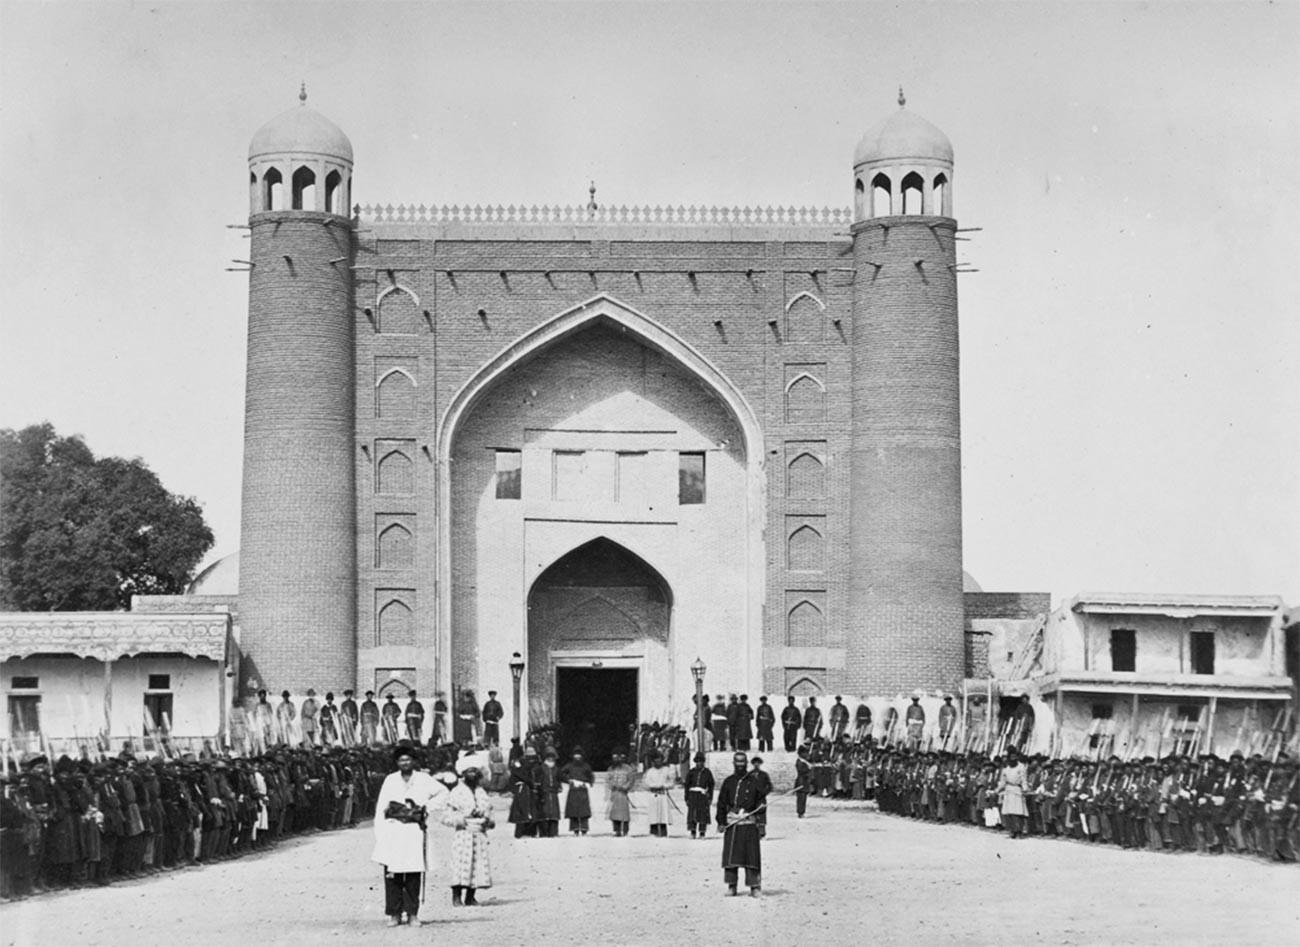 La porta del palazzo del khan a Kokand con i soldati dell'esercito davanti all'ingresso